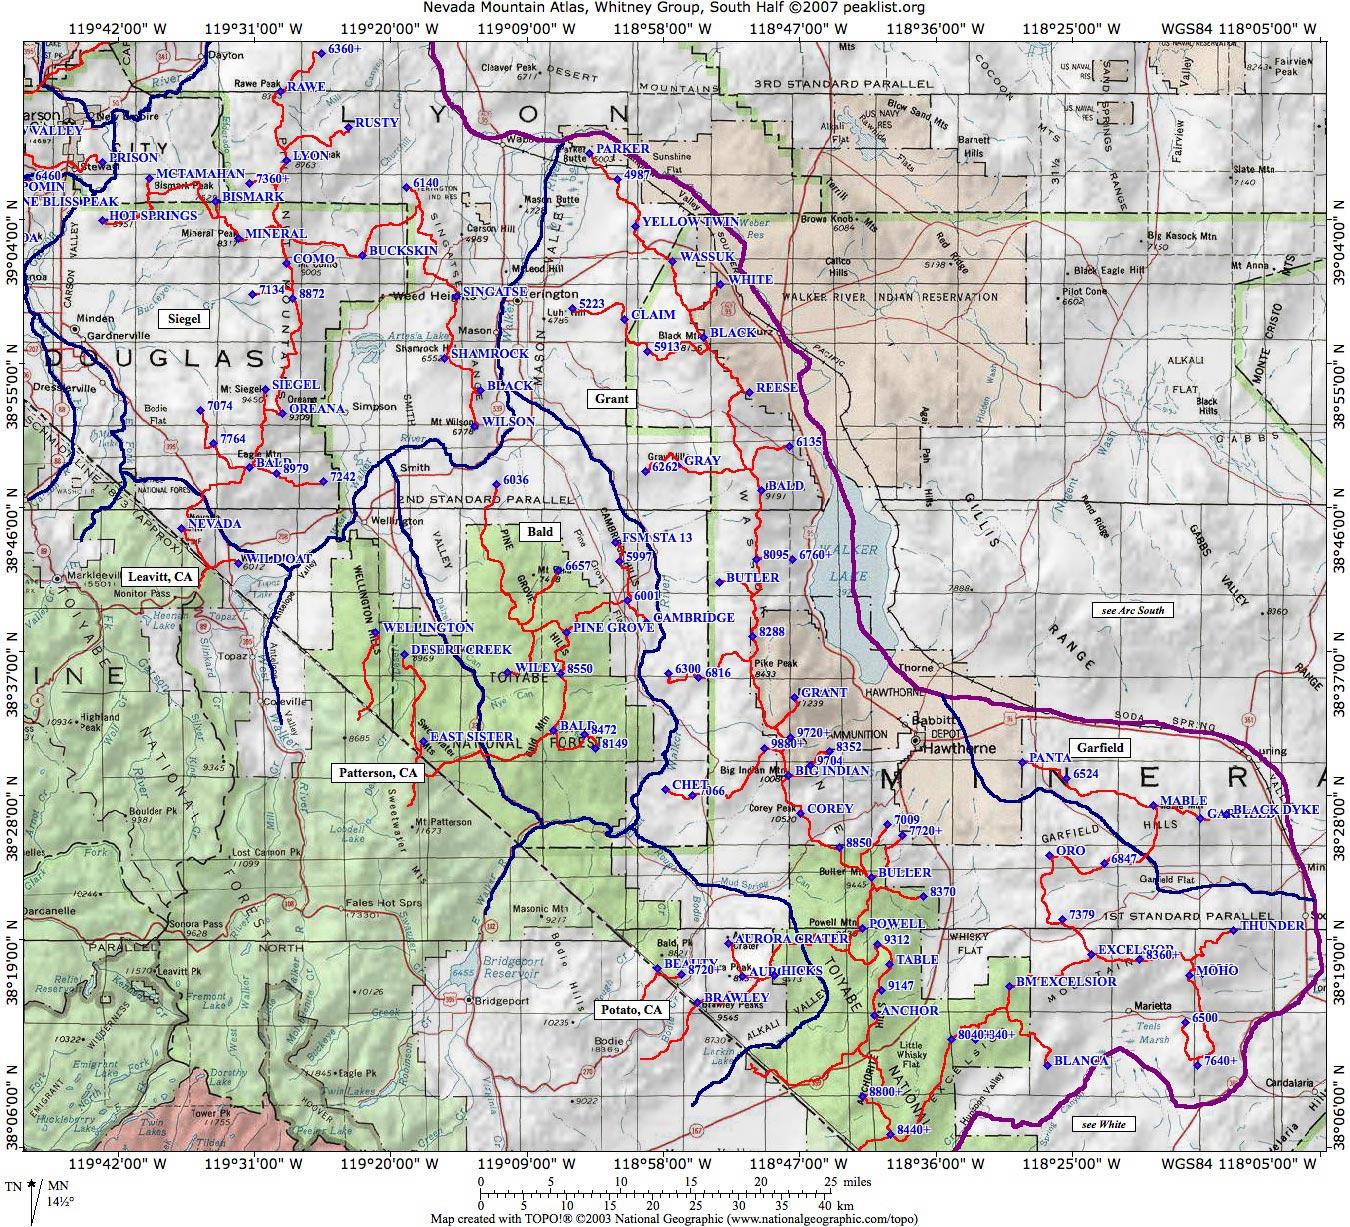 Nevada Mountain Atlas